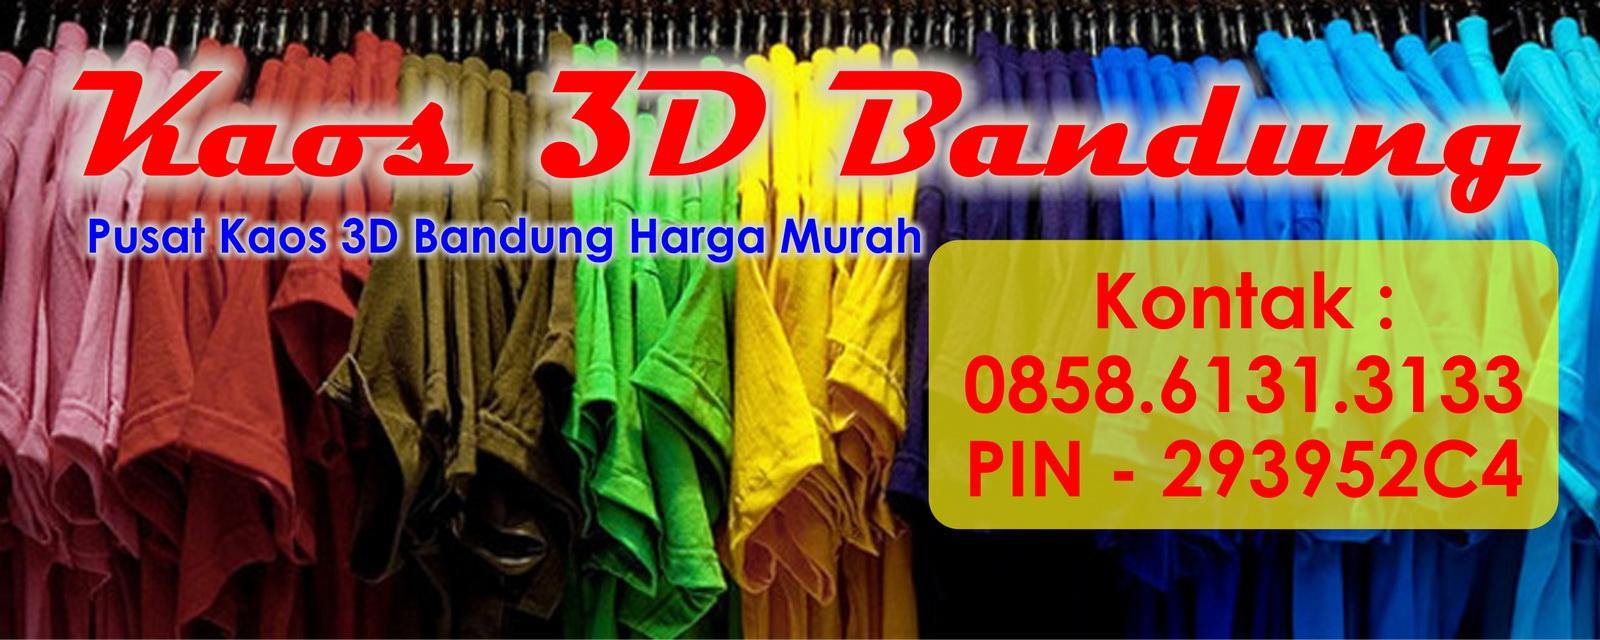 Kaos 3D Murah Bandung | PIN 293952C4